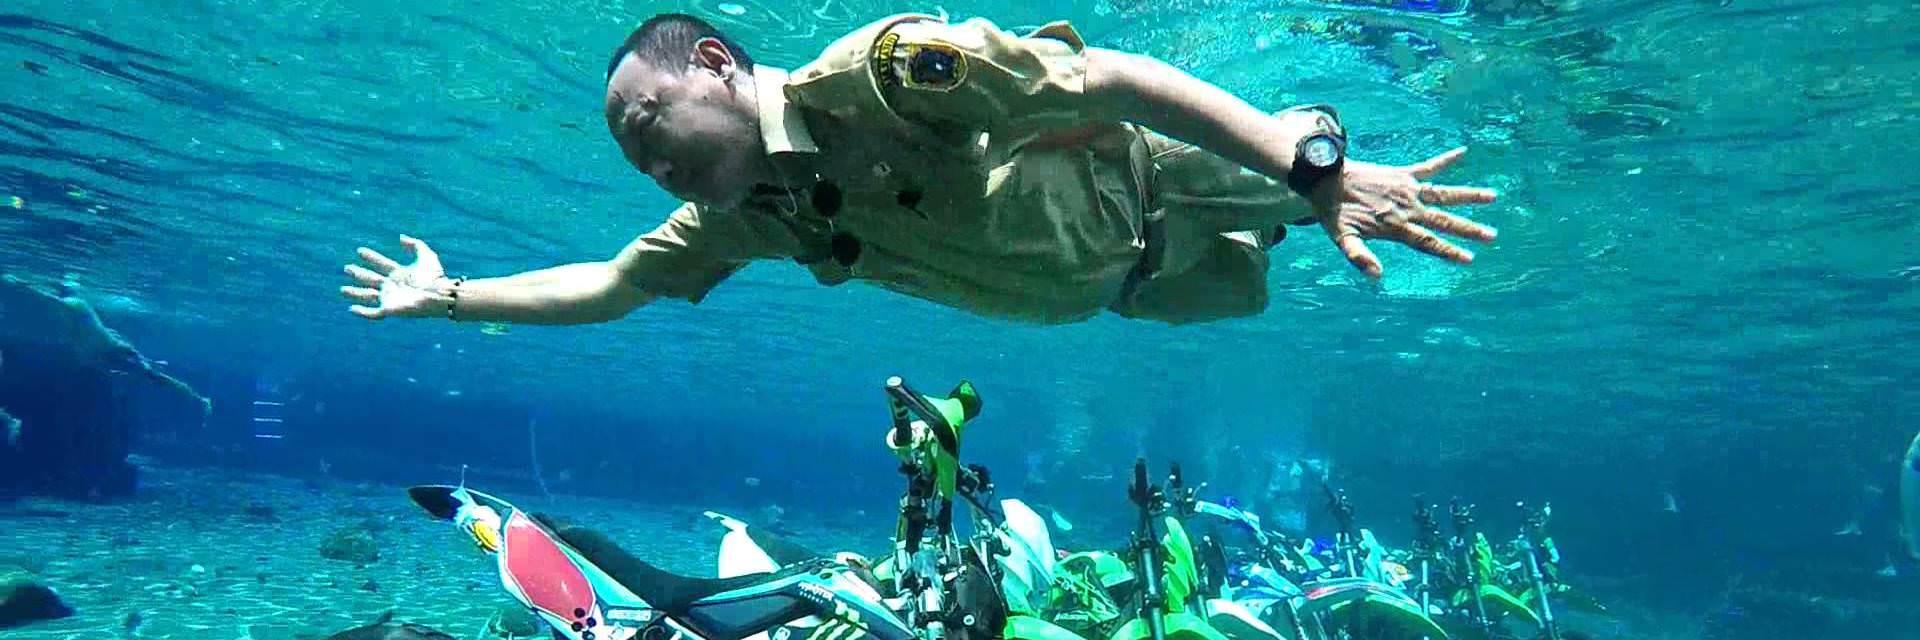 4 Umbul Bersaudara dari Klaten dengan Keindahan yang Mempesona Untuk Spot Foto Underwater